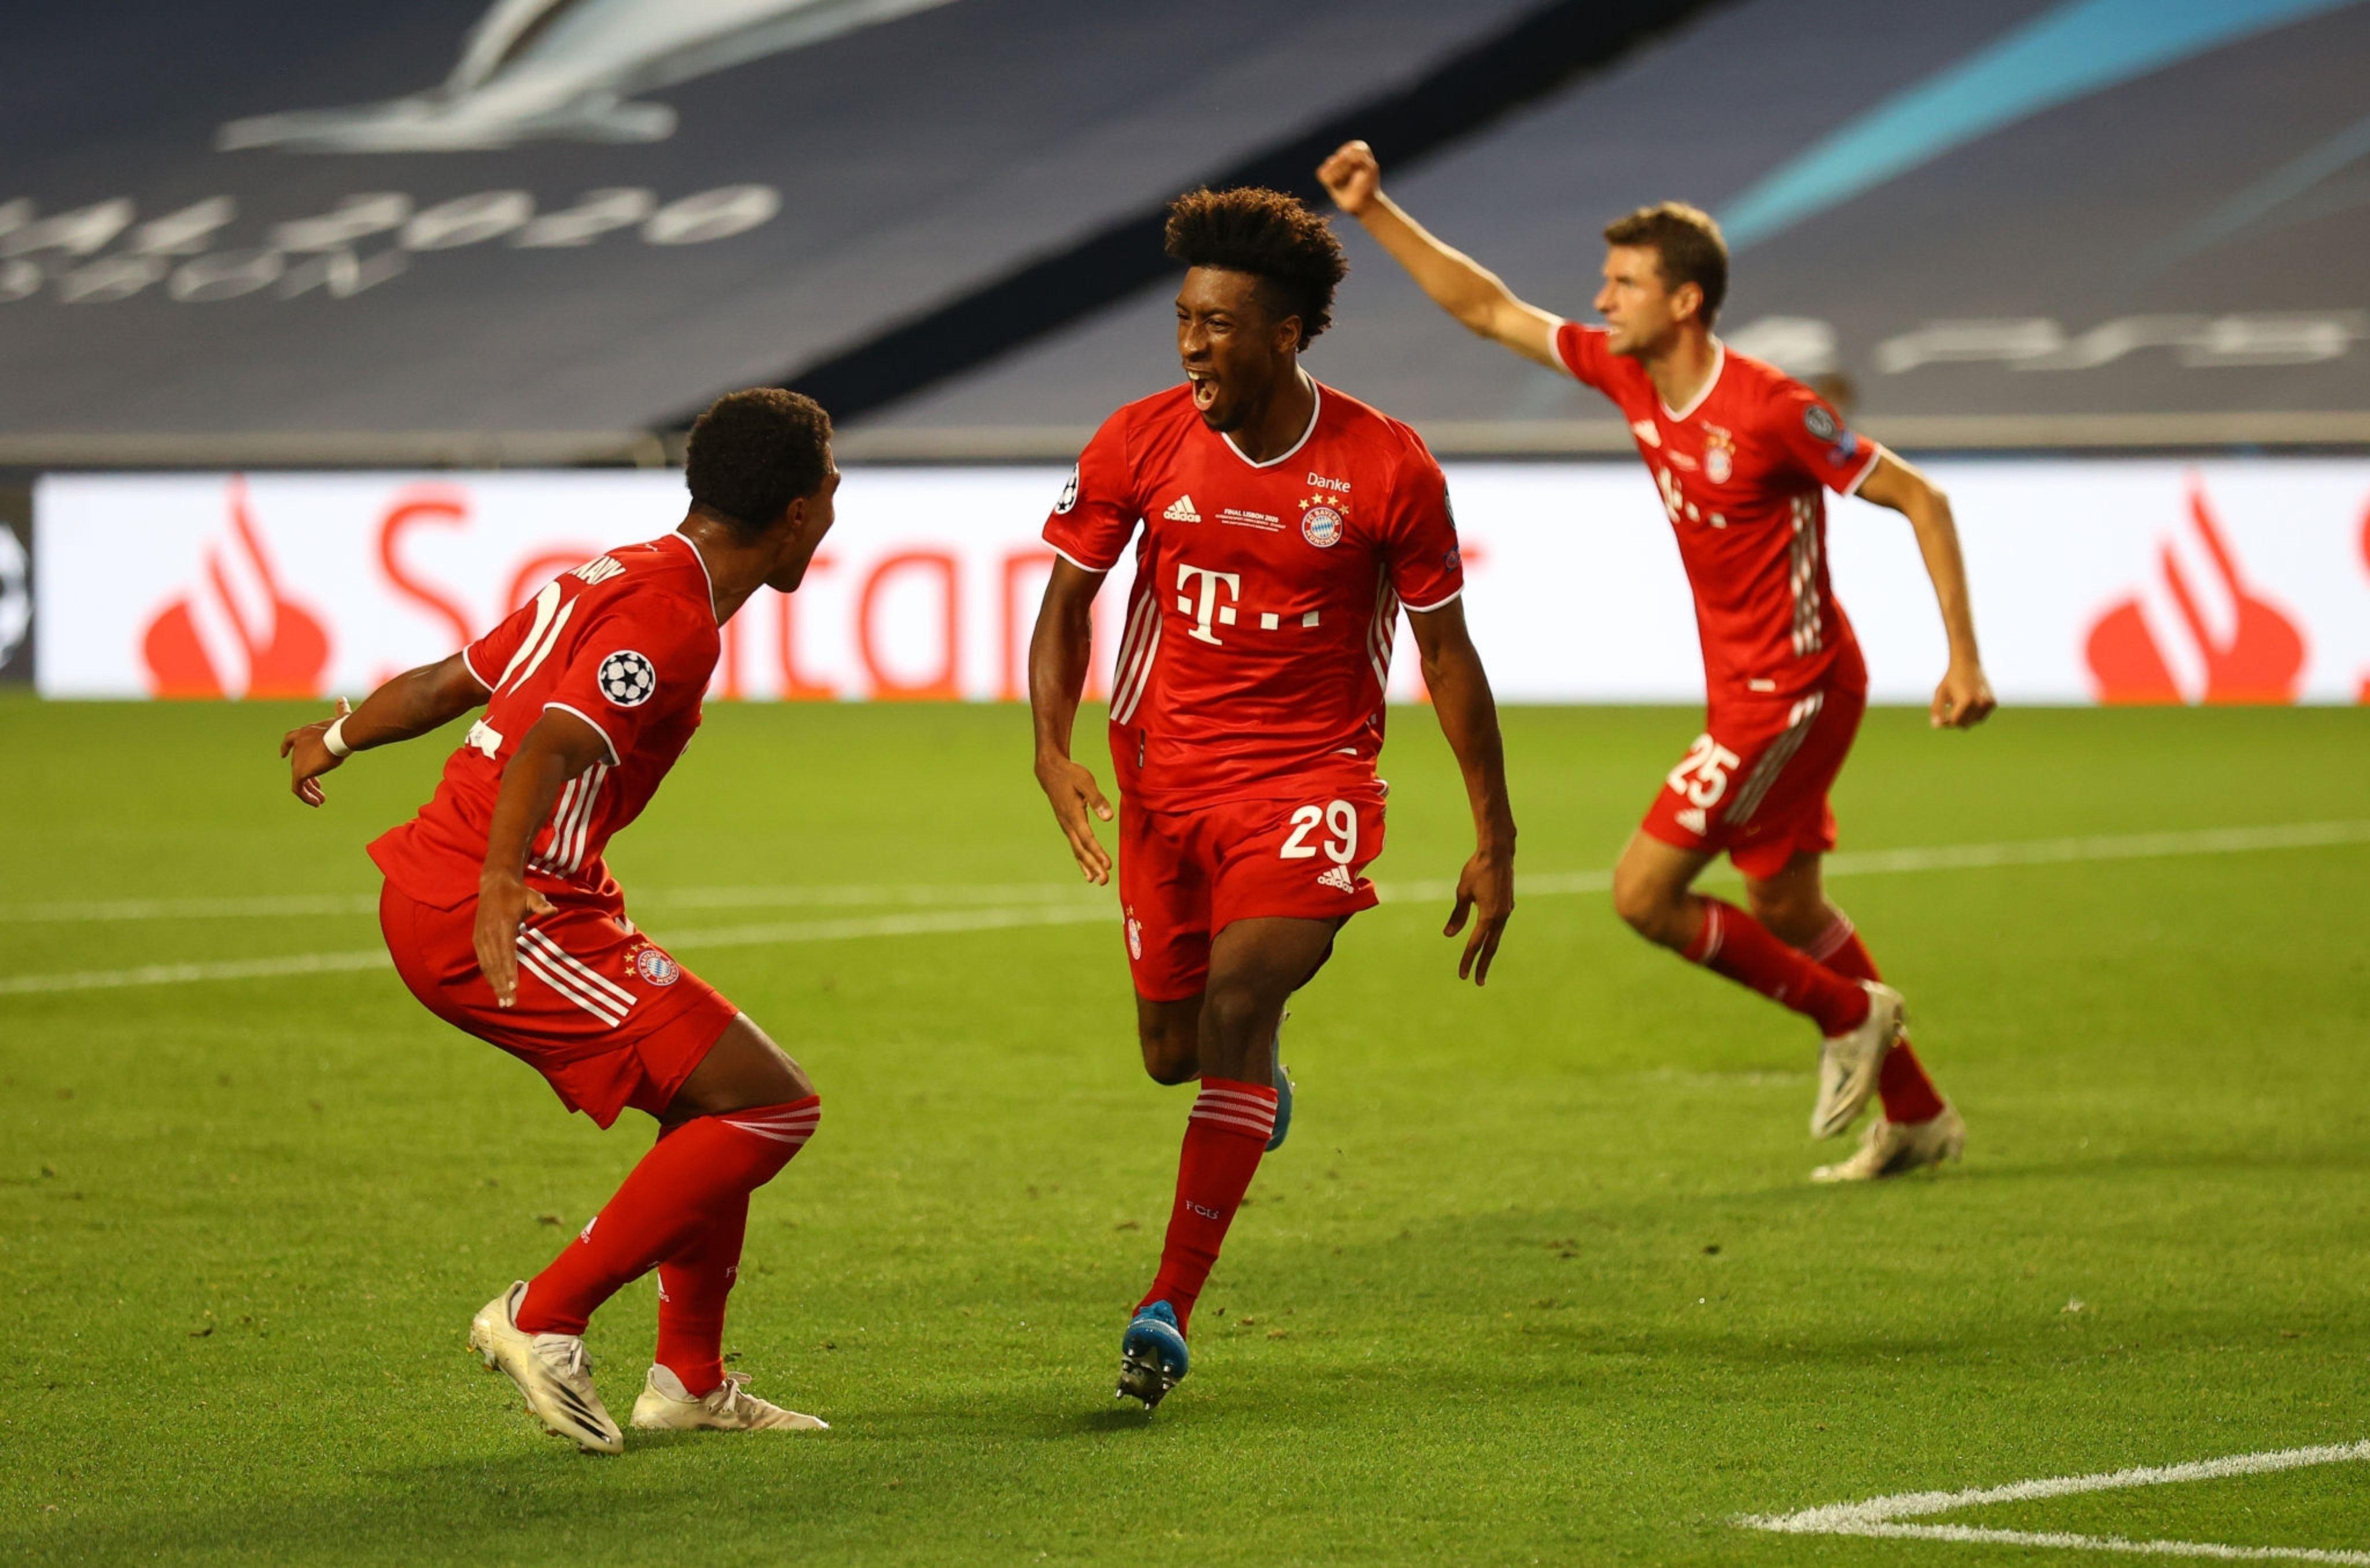 ПСЖ - Бавария 0:1. Немецкий требл с французской изюминкой - изображение 2